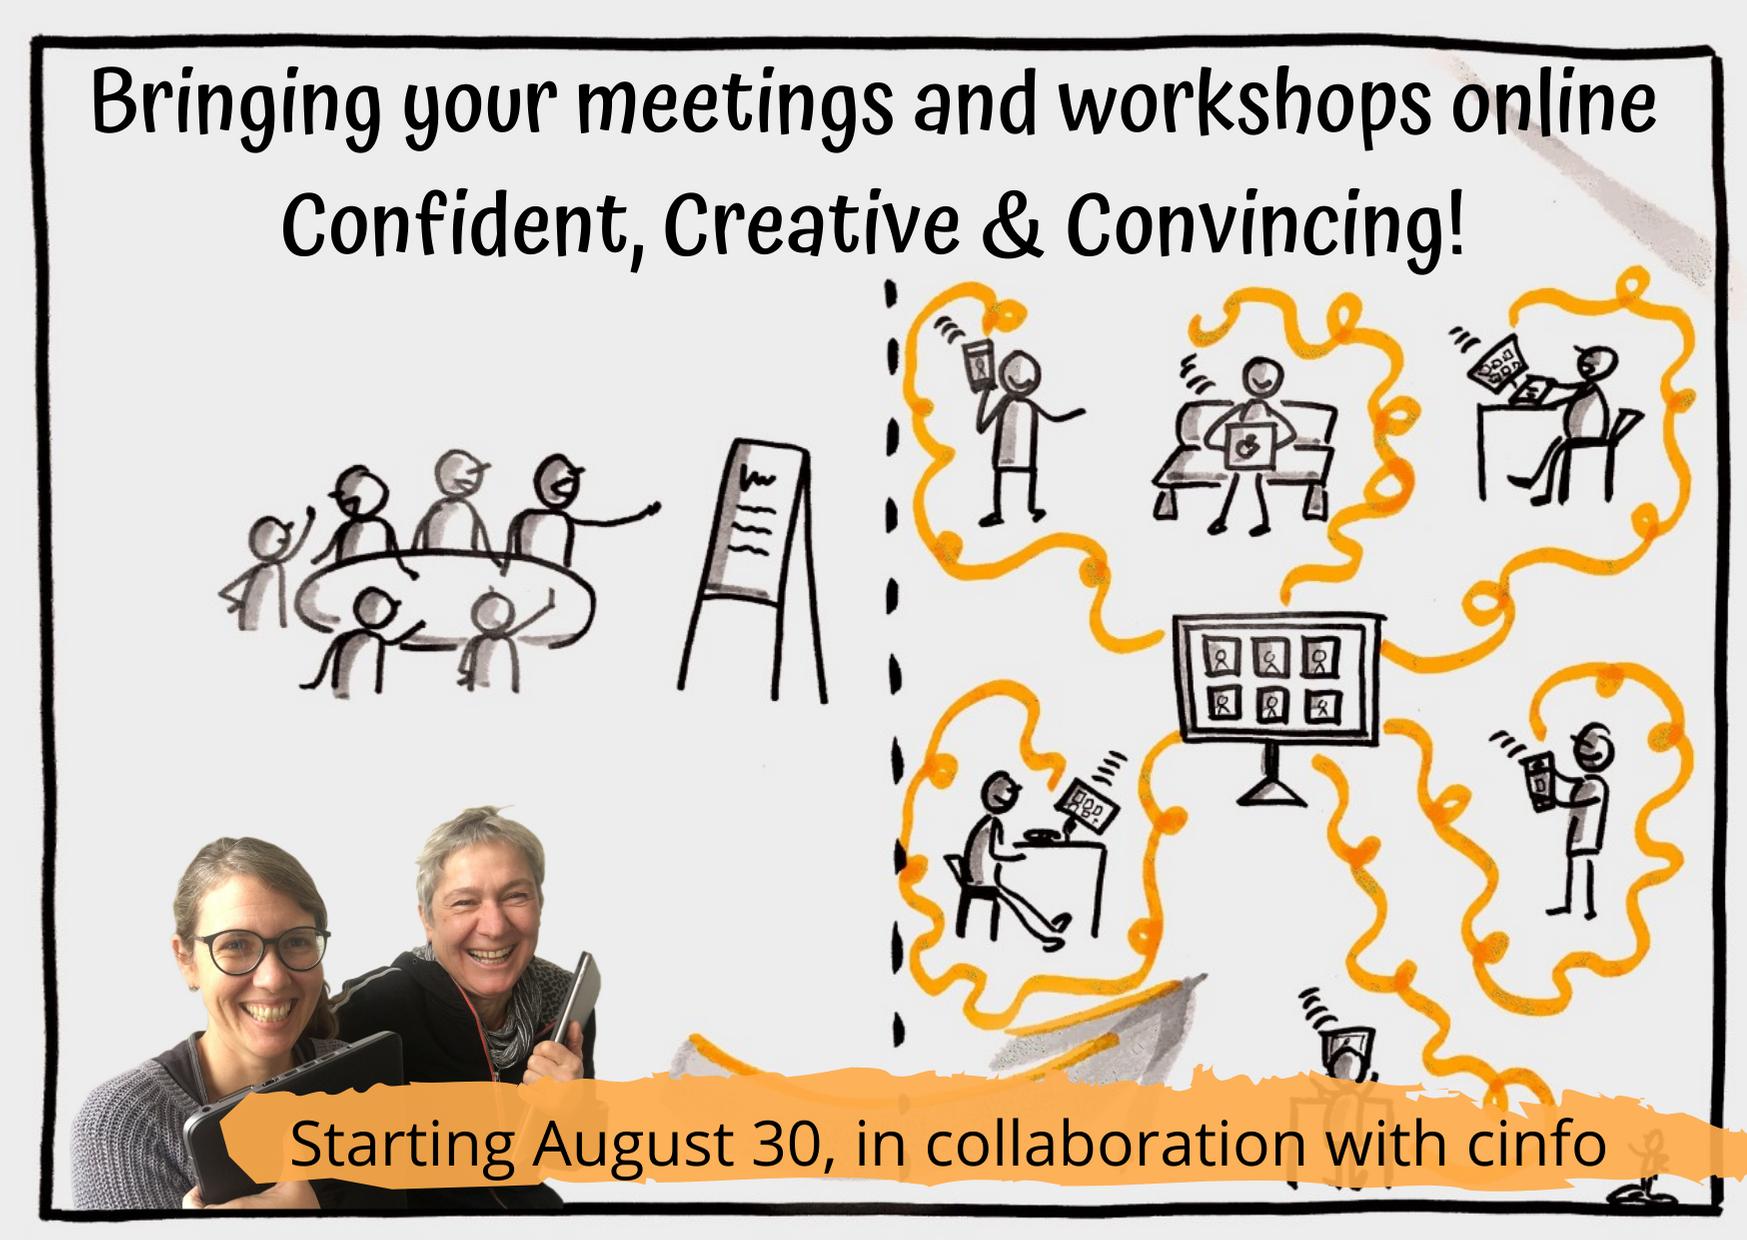 Bringing workshops online 8th edition